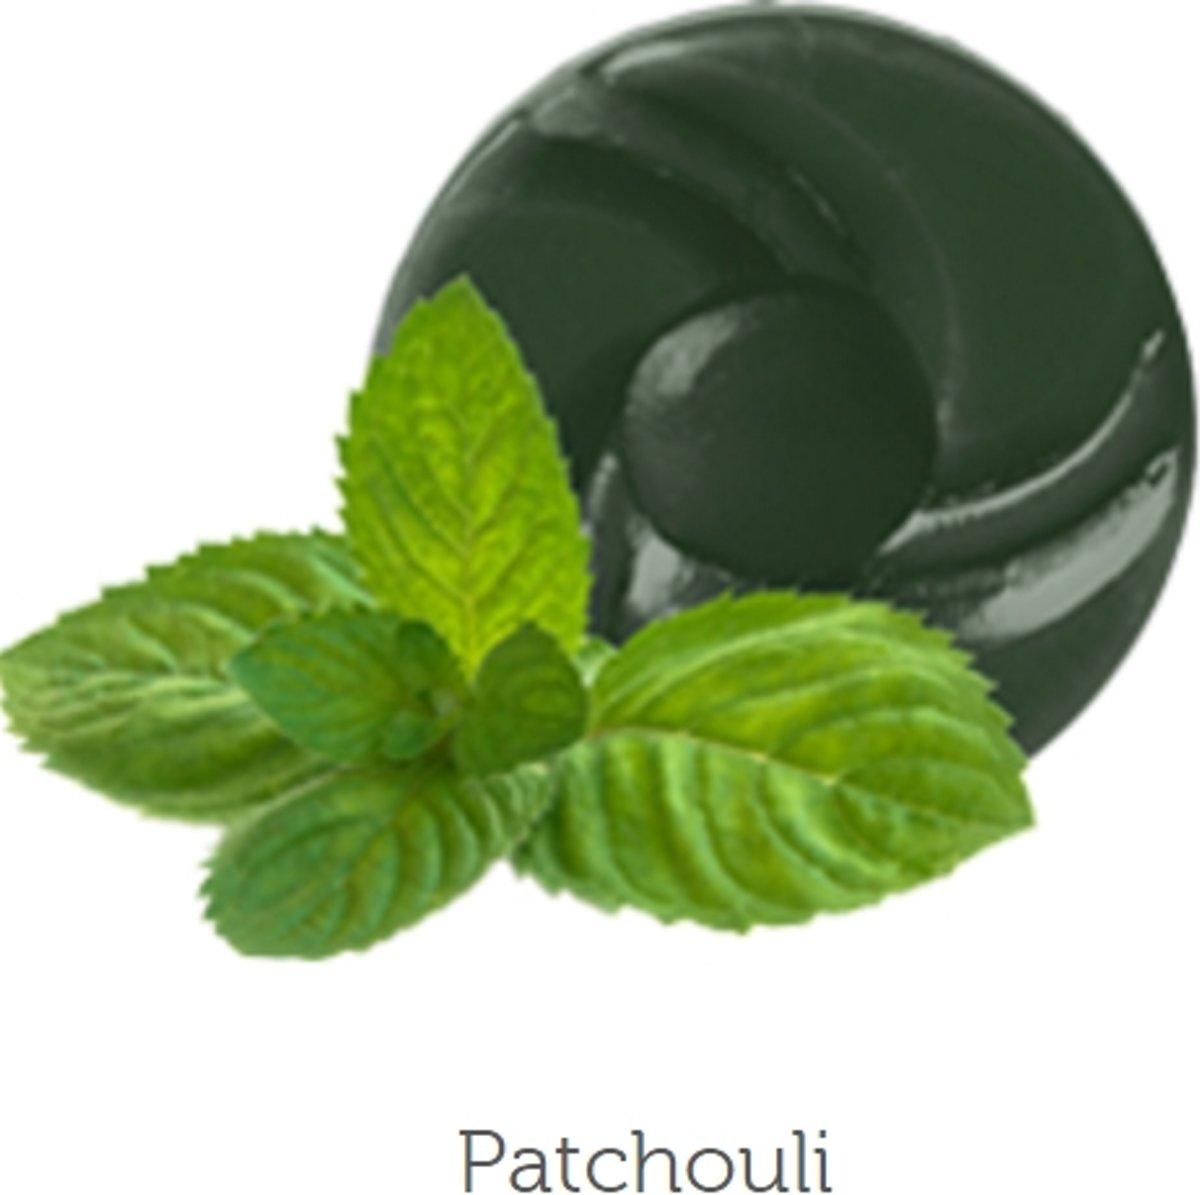 CreaScents Geur chips 'Patchouli' kopen